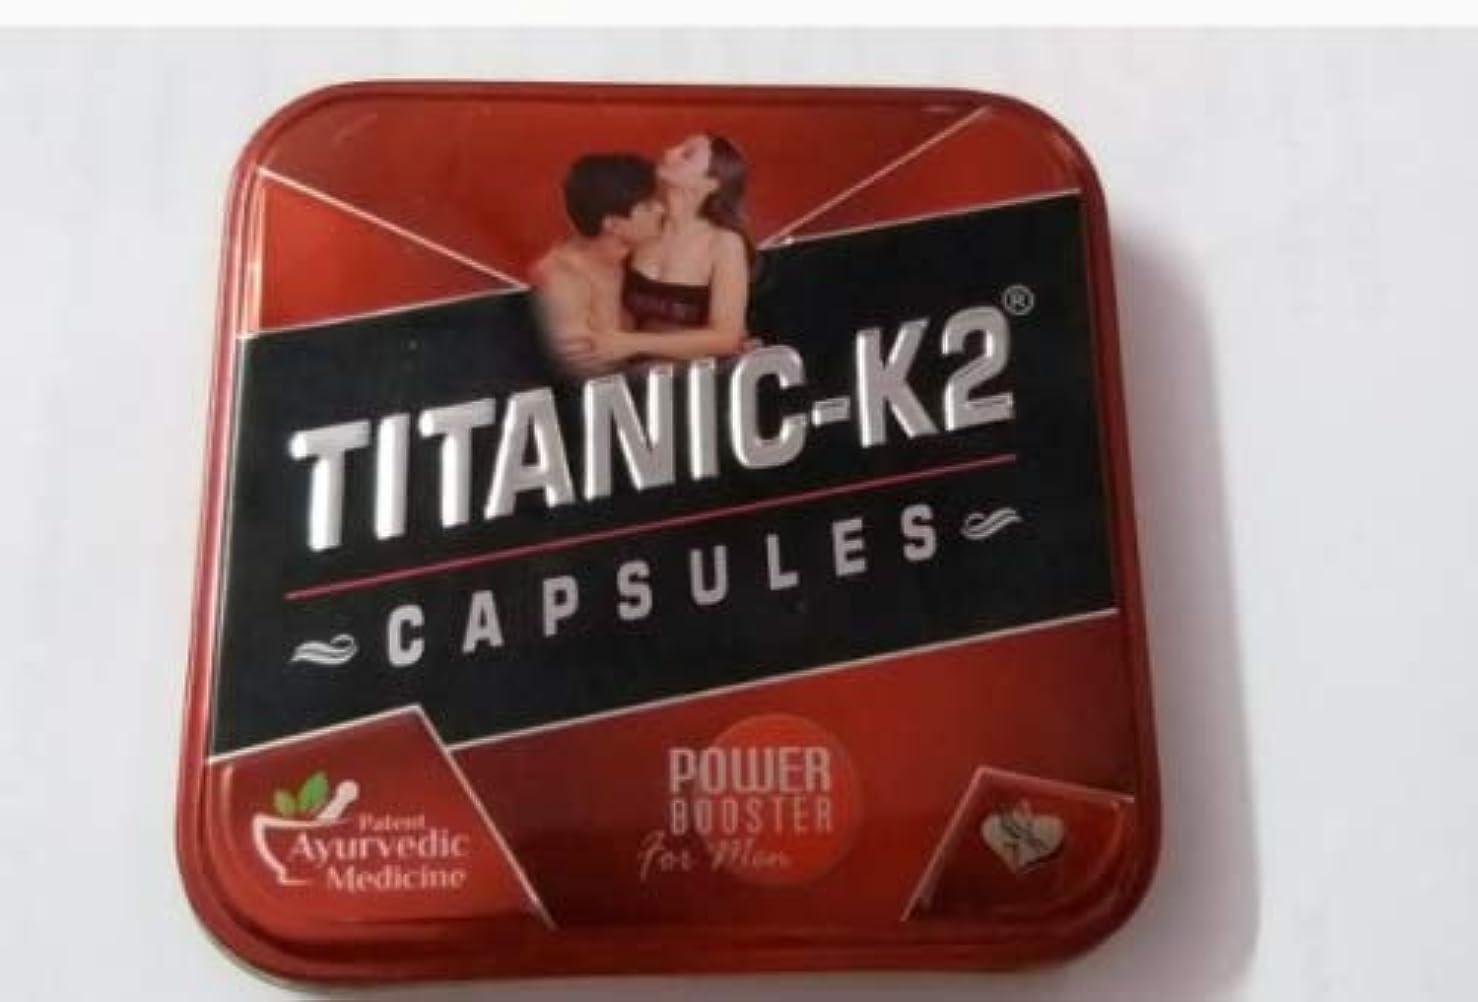 ヒューバートハドソン軸スコットランド人Herbal Titanic K2 6 Caps. pack power booster sex drive for men blend of herbs 男性のためのパックパワーブースターセックスドライブハーブのブレンド